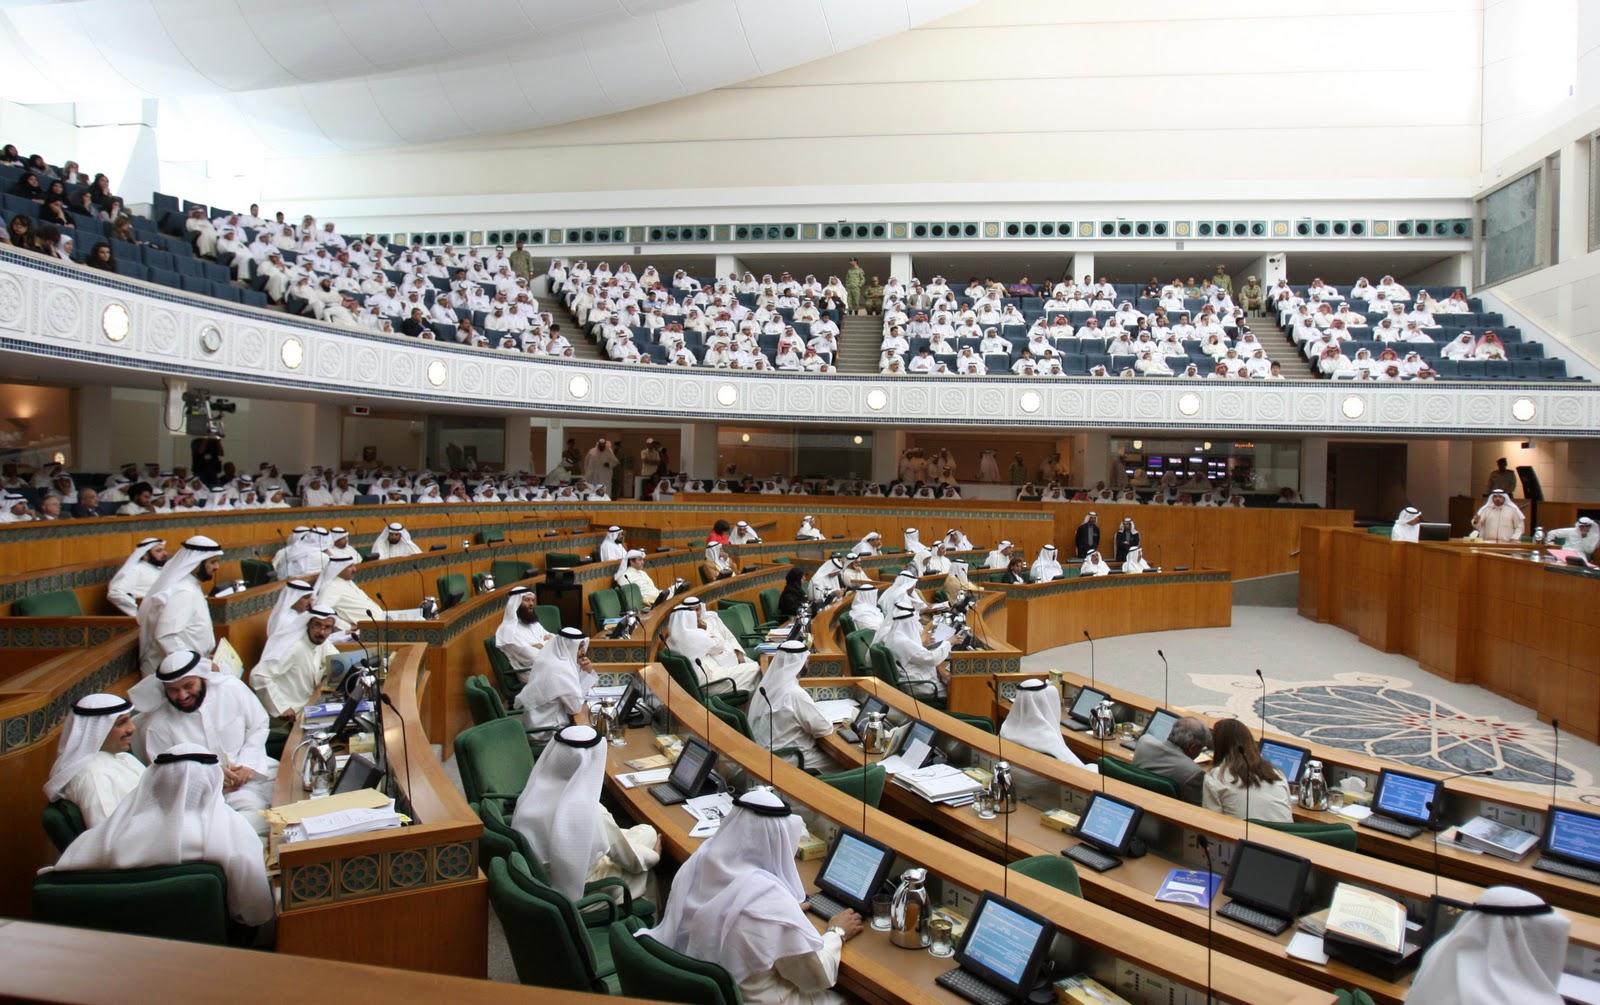 تحالف الإخوان والسلفيين بالكويت يمنى بخسارة فادحة بالانتخابات التكميلية لمجلس الأمة